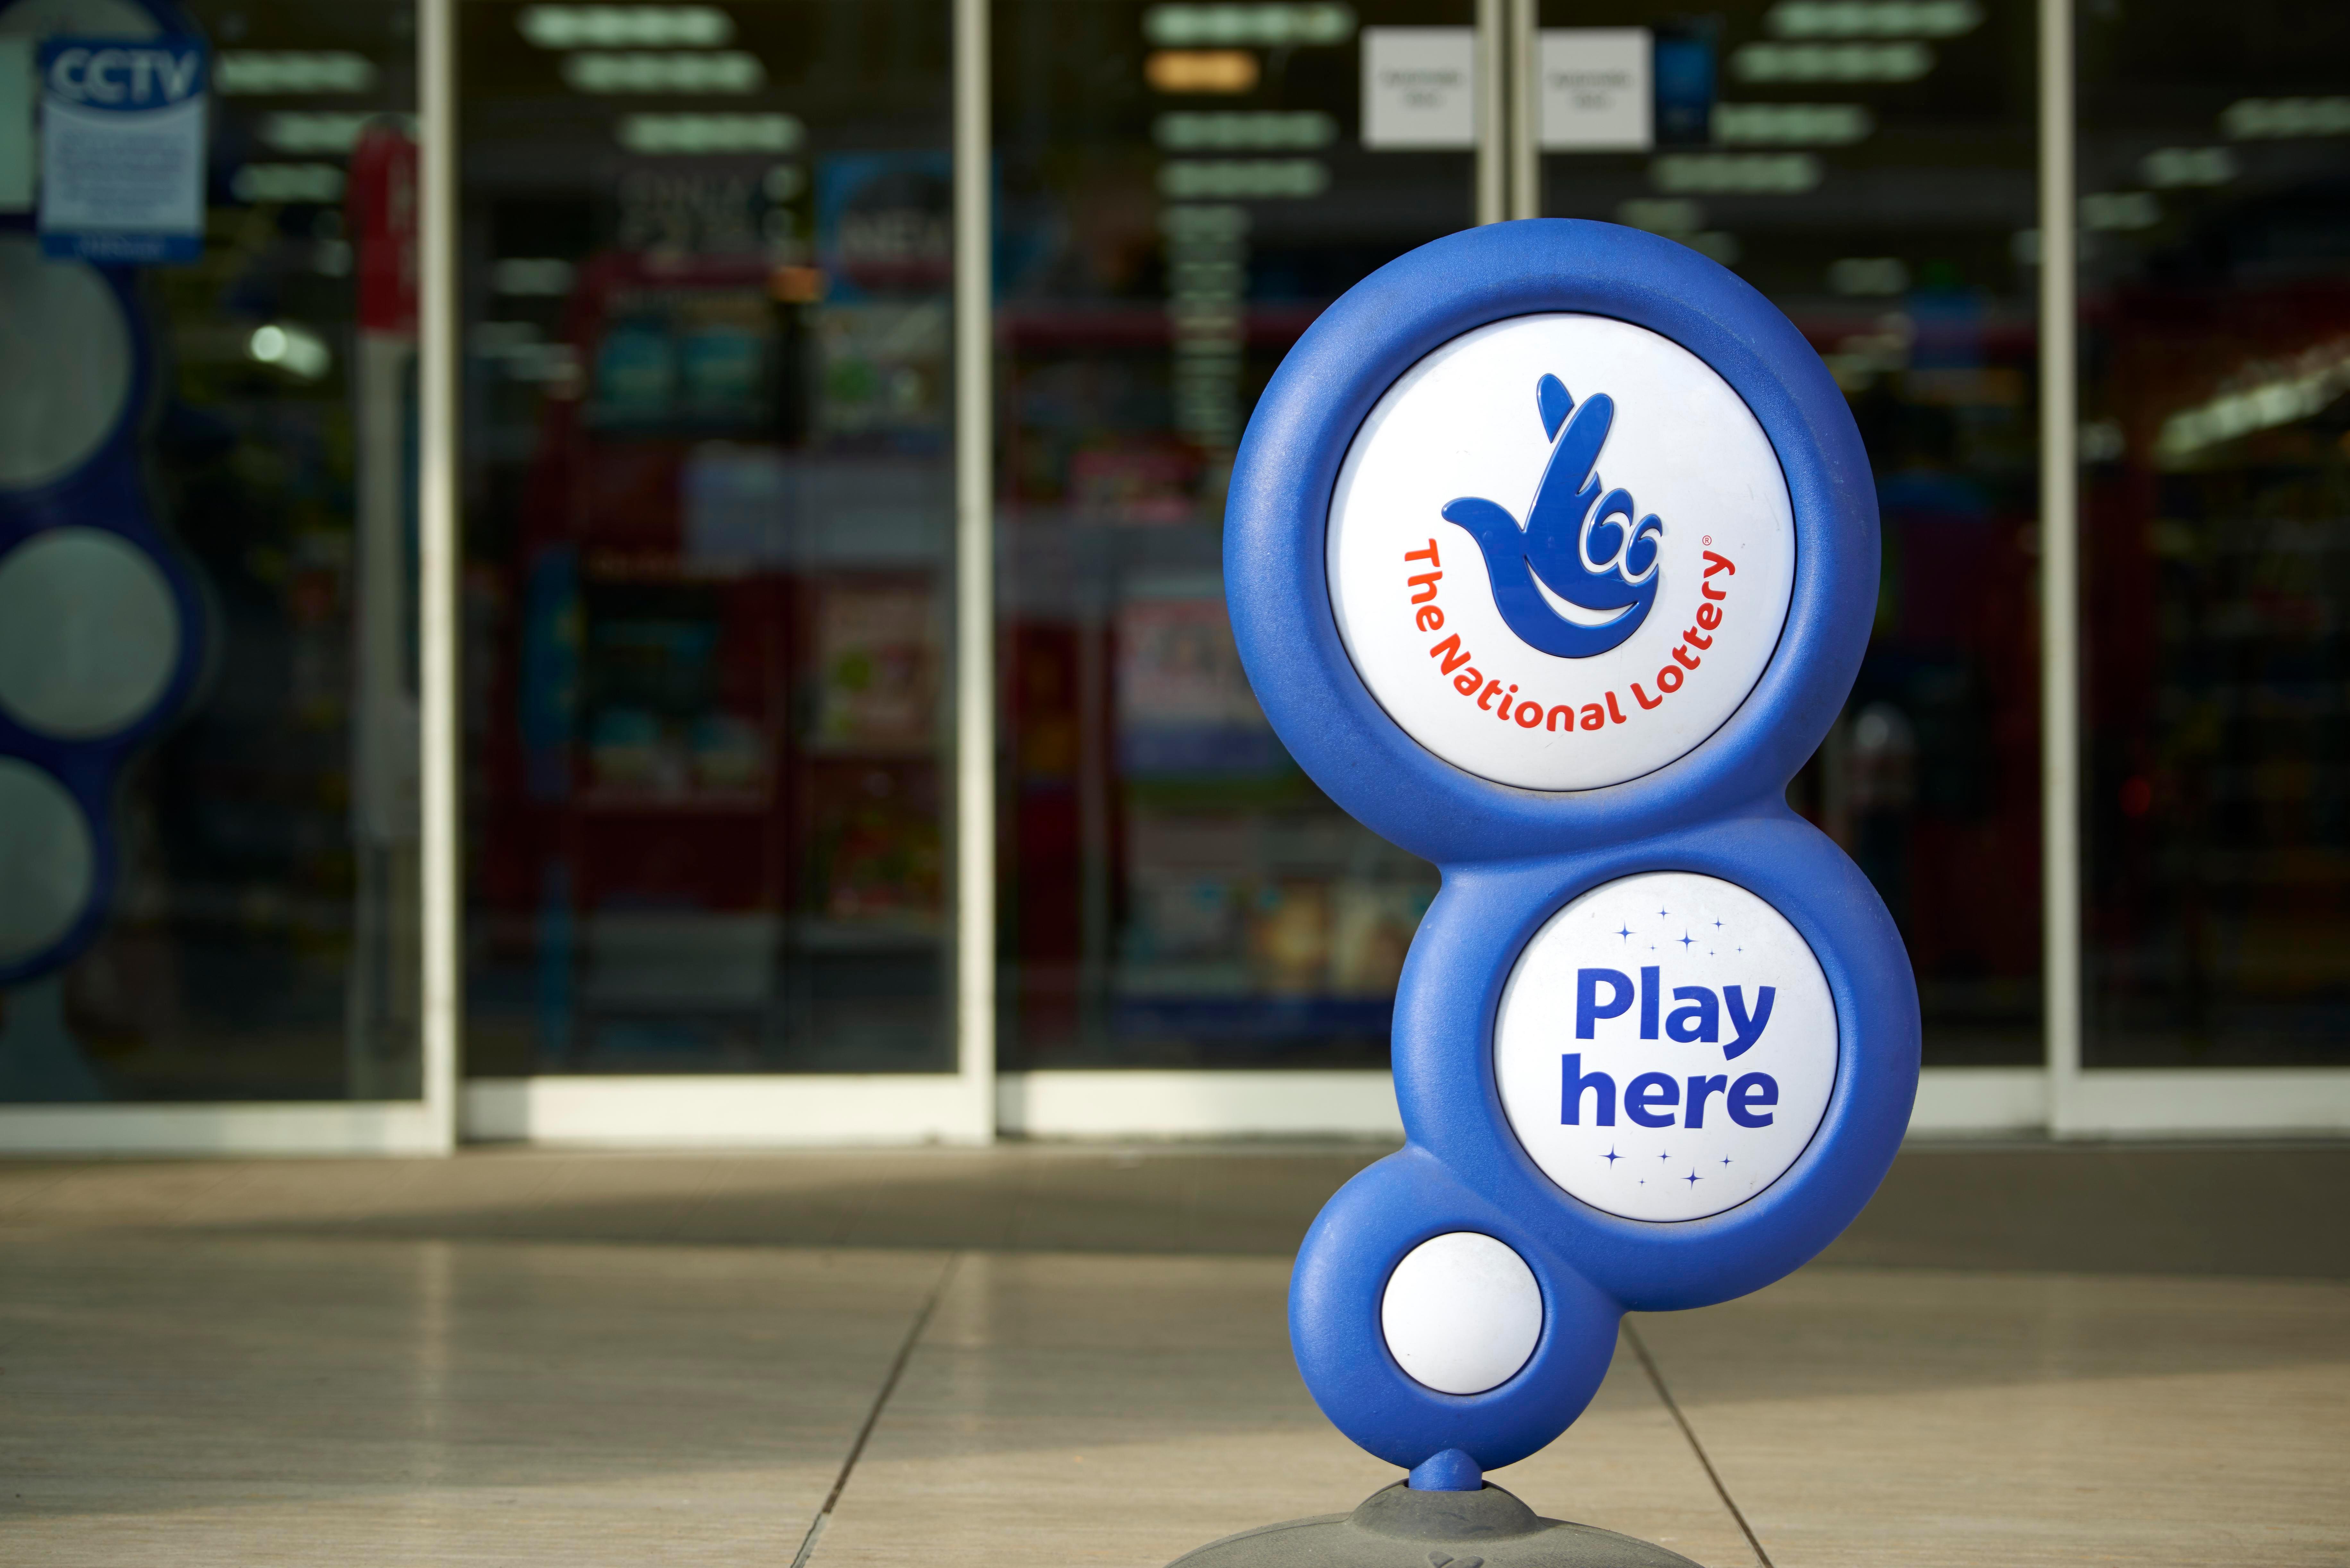 Описание первой национальной лотереи, правила лотереи | свежие новости в картинках